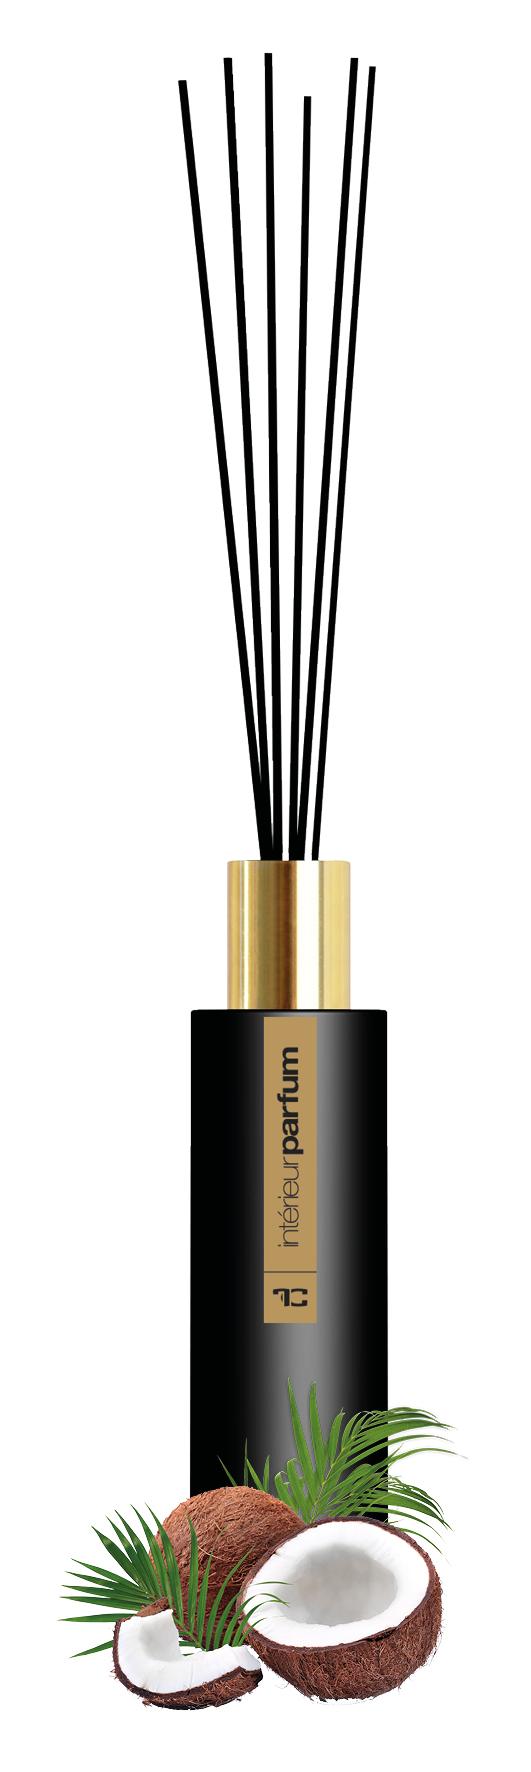 FC9501-Interiérový parfum COCO DREAM 80 ml